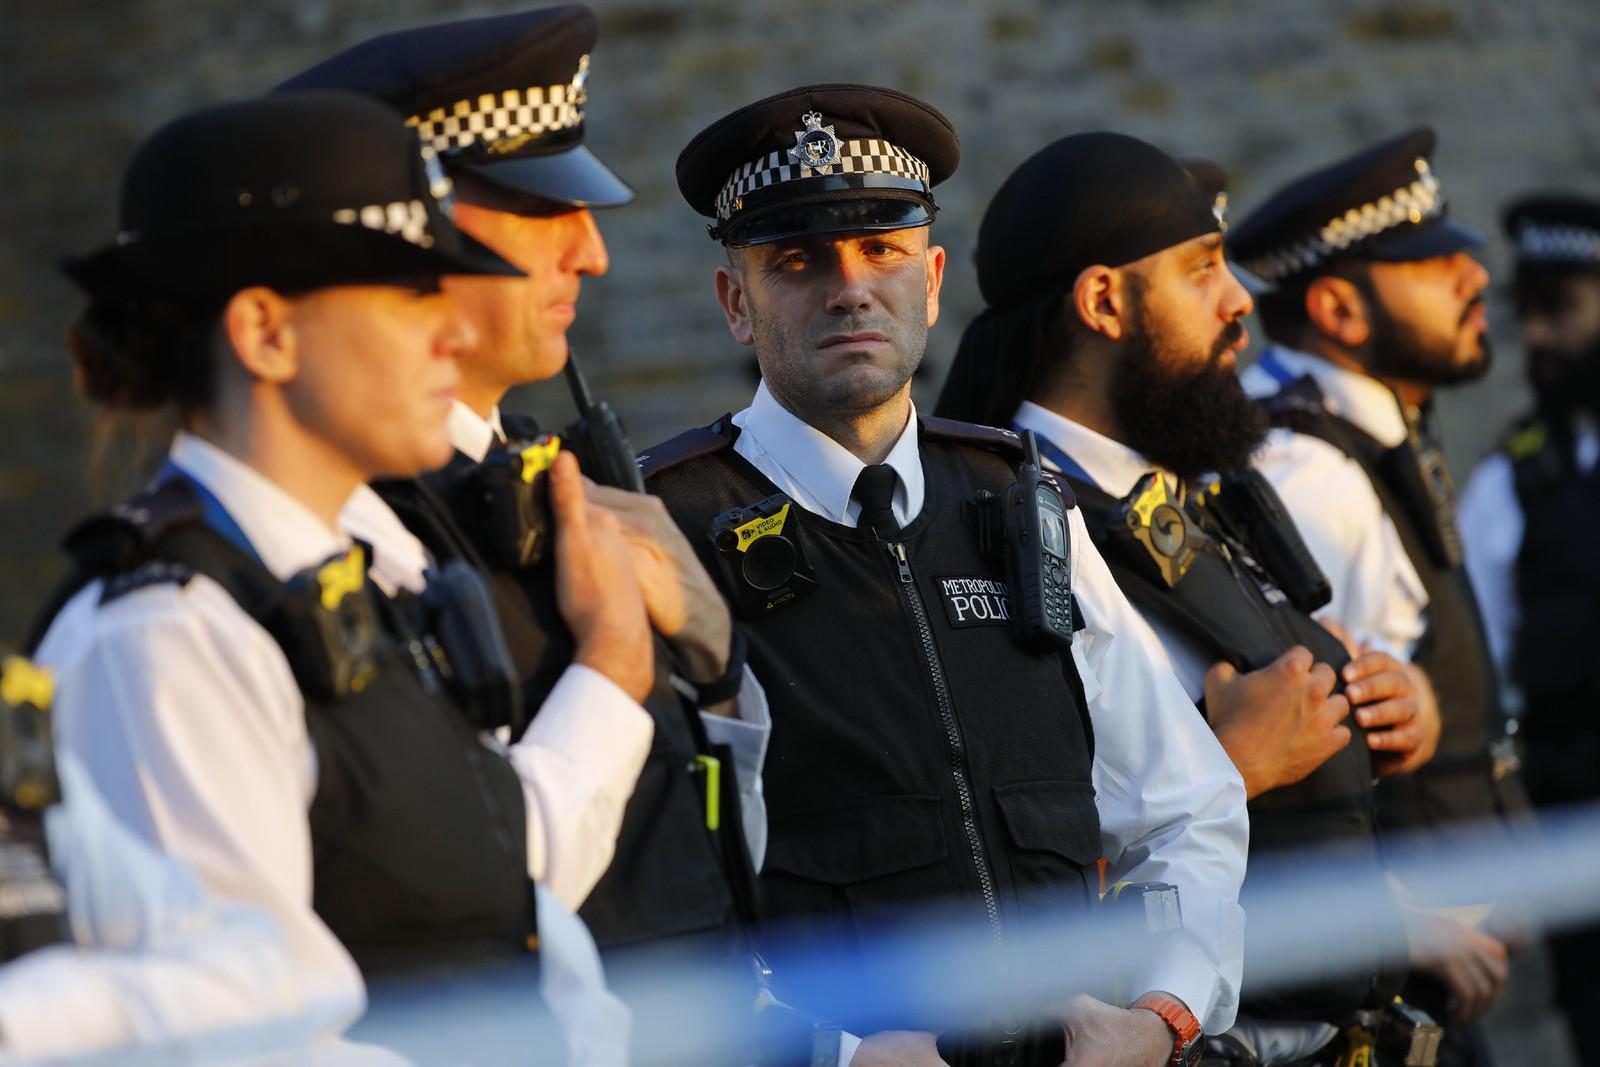 Politiet har sperret av et stort område.